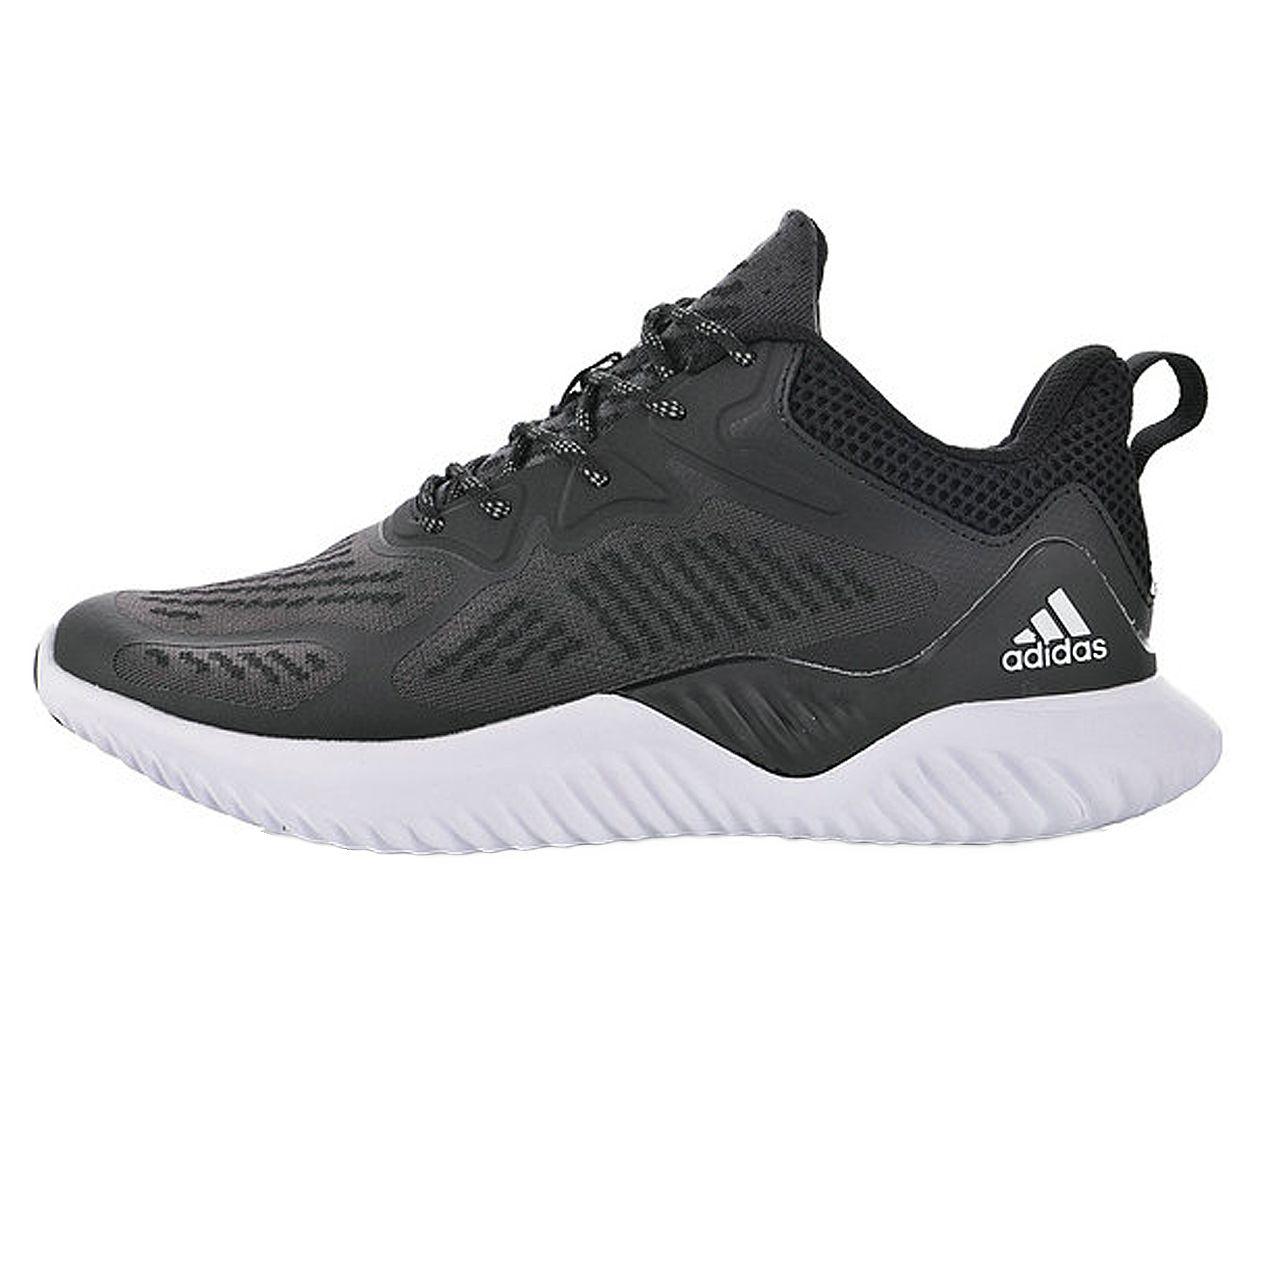 کفش مخصوص دویدن زنانه آدیداس مدل Alphaboce کد 890444